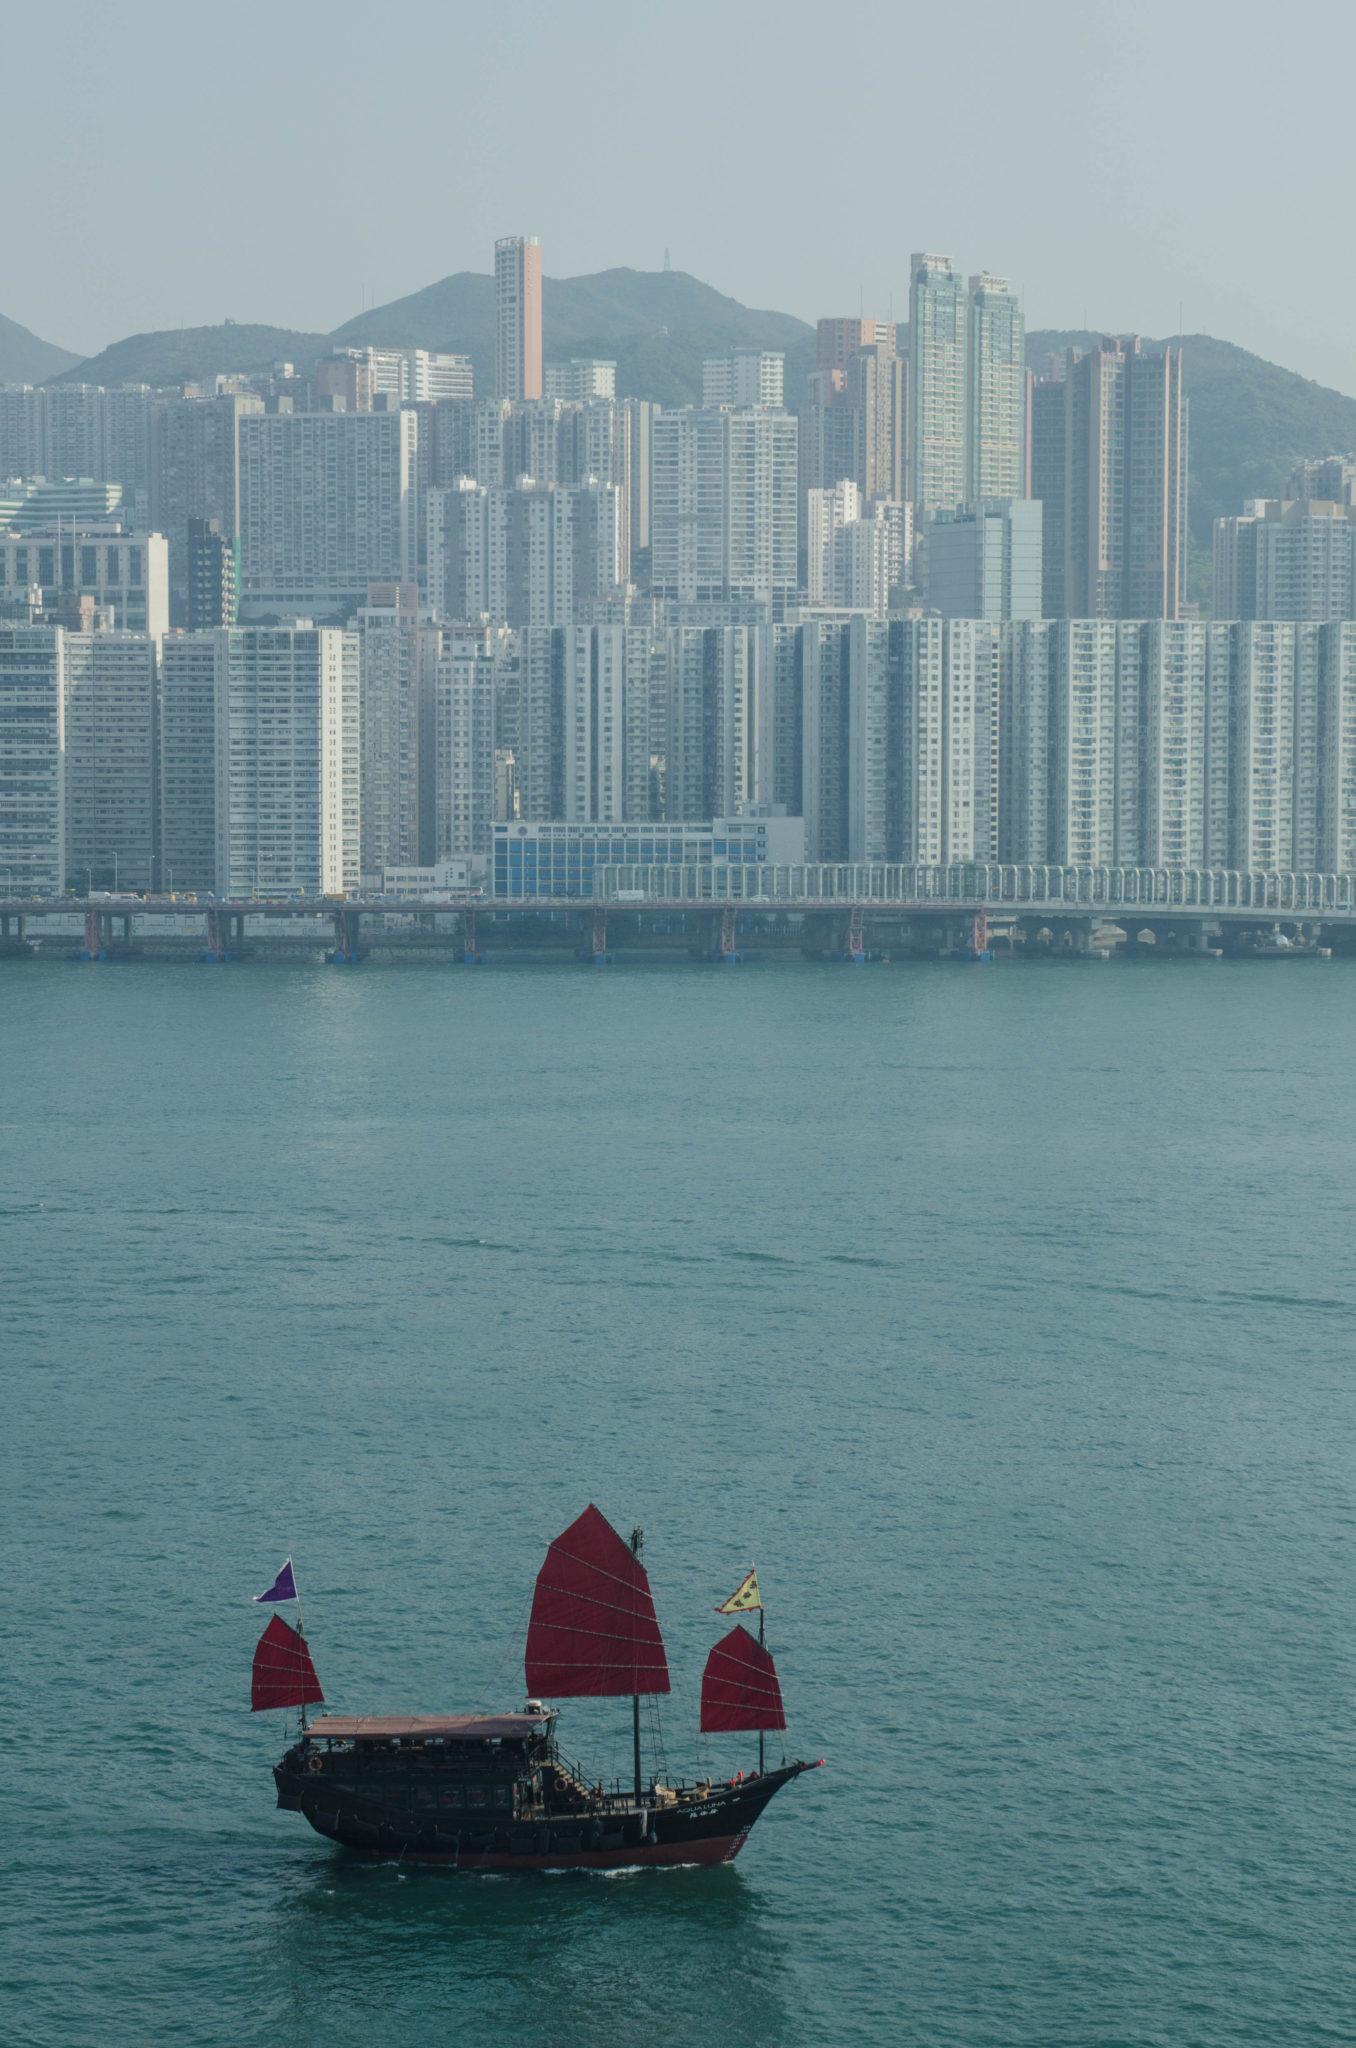 Gerade am Abend ist der Trip mit Hongkongs knallroter Dschunke ein echtes Highlights